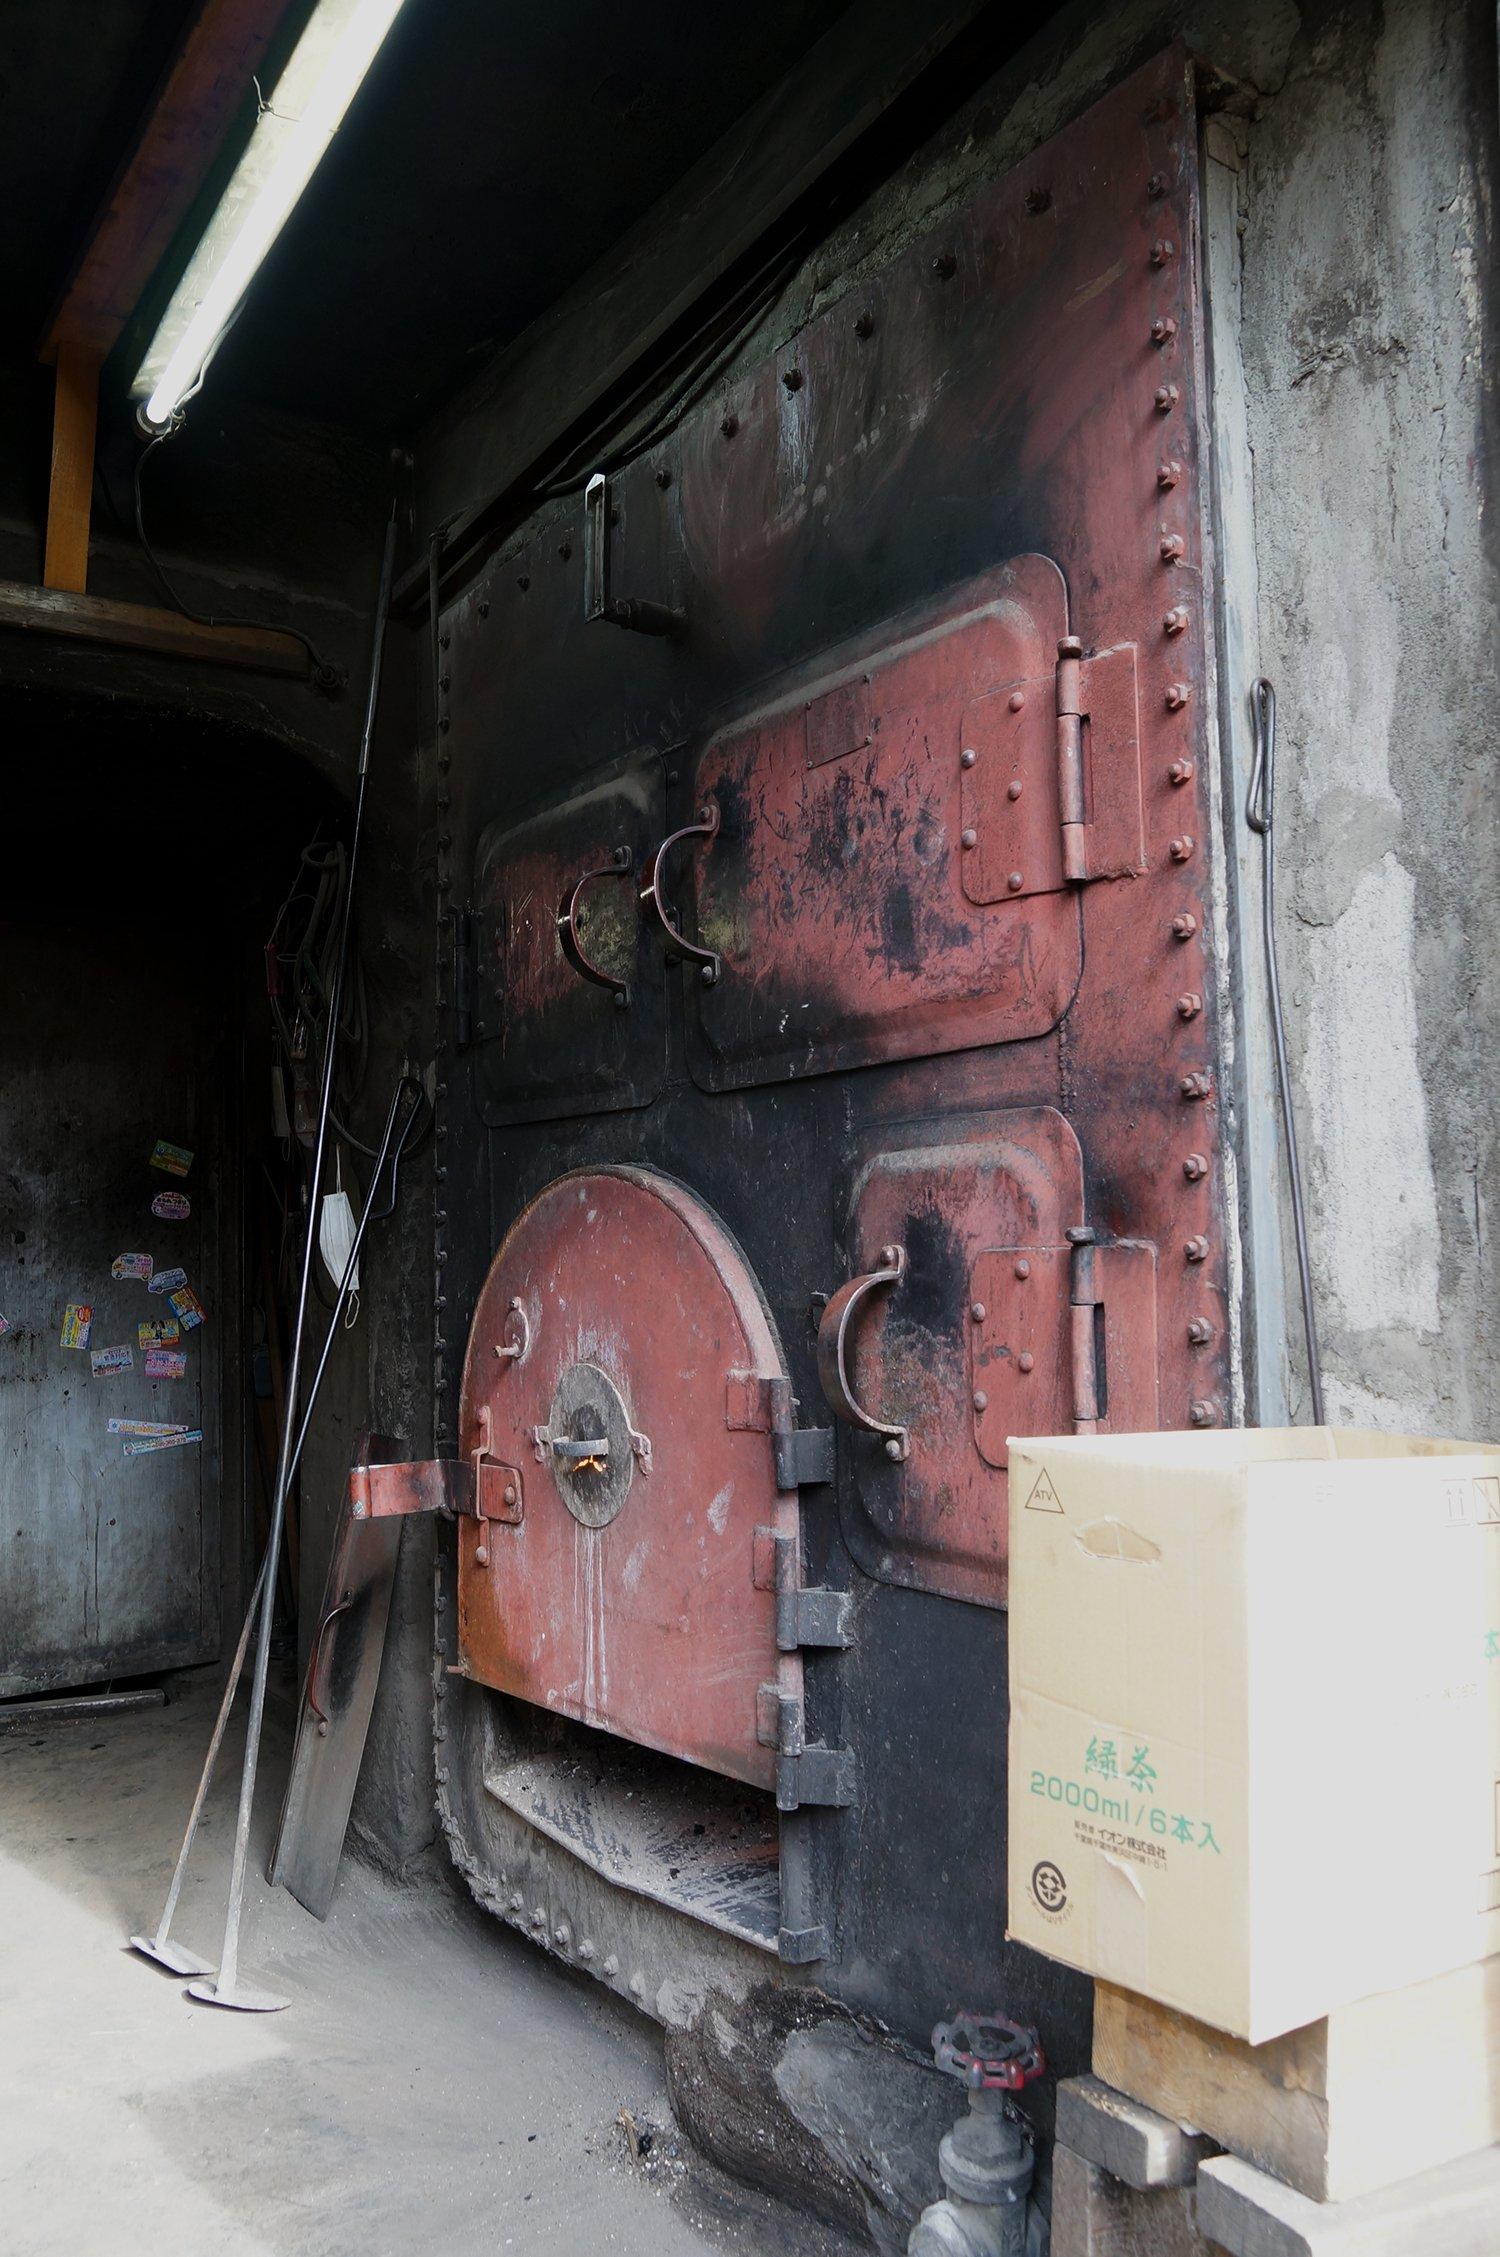 昔ながらの薪釜ボイラー。薪で焚く銭湯もずいぶん減っている。